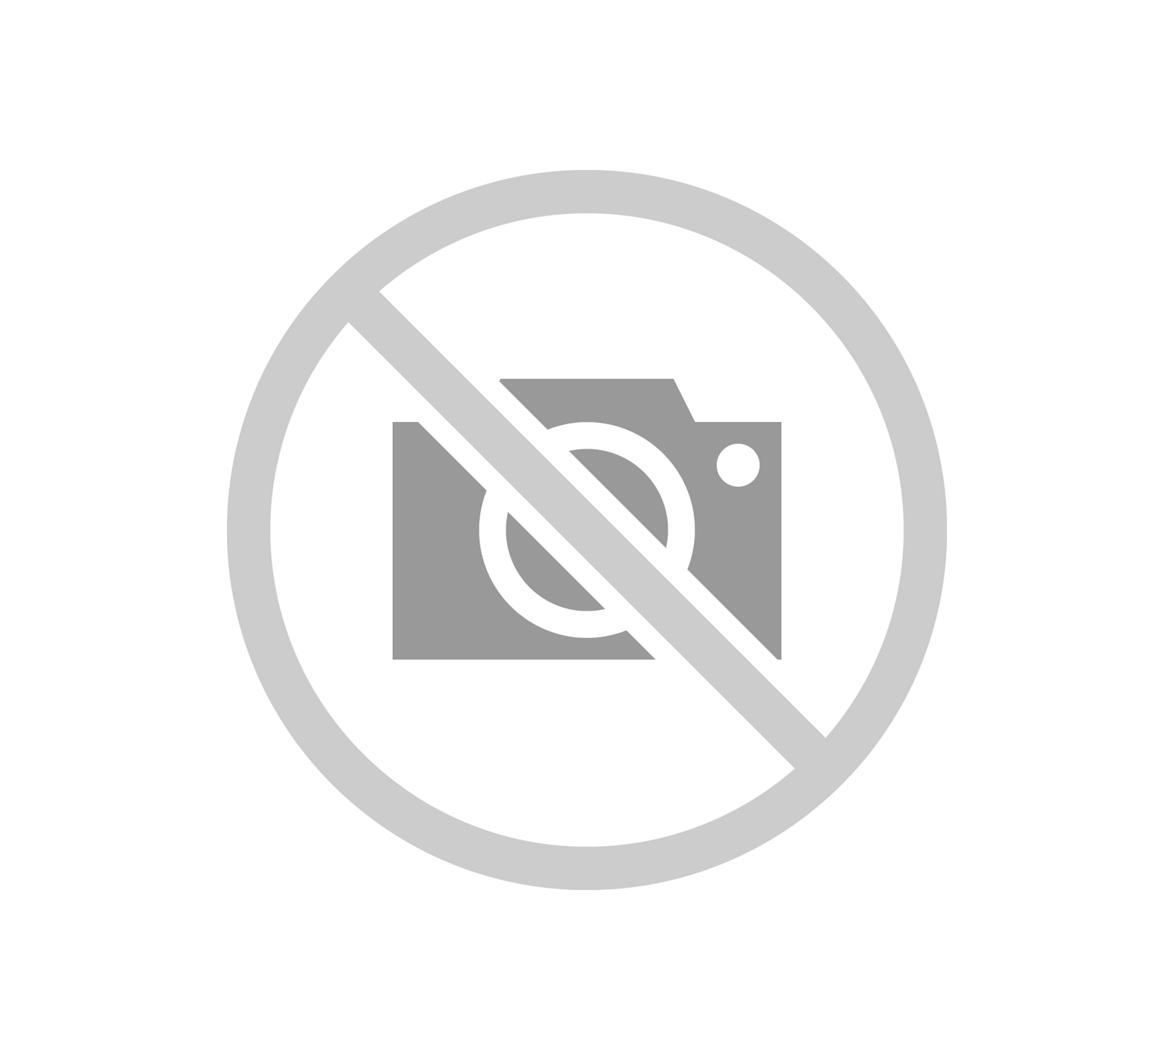 Sedací souprava BALI 3R+2+1 primo 96 tmavě šedá